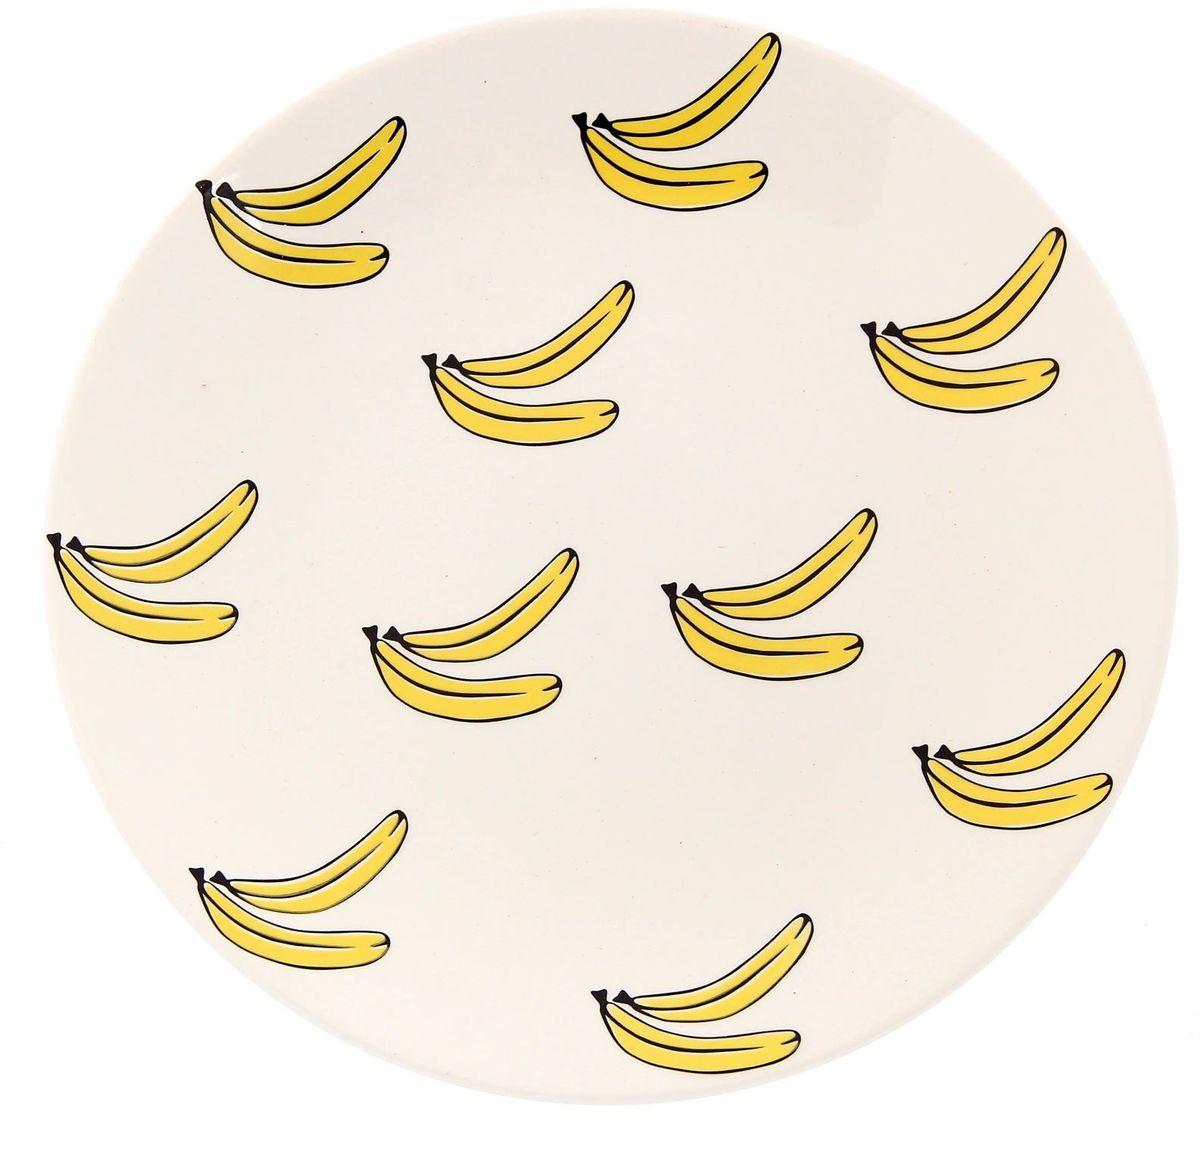 Тарелка Сотвори чудо Бананы, диаметр 22 см2277885Хотите обновить интерьер кухни или гостиной? Устраиваете необычную фотосессию или тематический праздник? А может, просто ищете подарок для близкого человека? Посуда « Сотвори Чудо» — правильный выбор в любой ситуации. Её достоинства: изящный фаянс нежного сливочного цвета; стойкость краски; пригодность для посудомоечных машин.